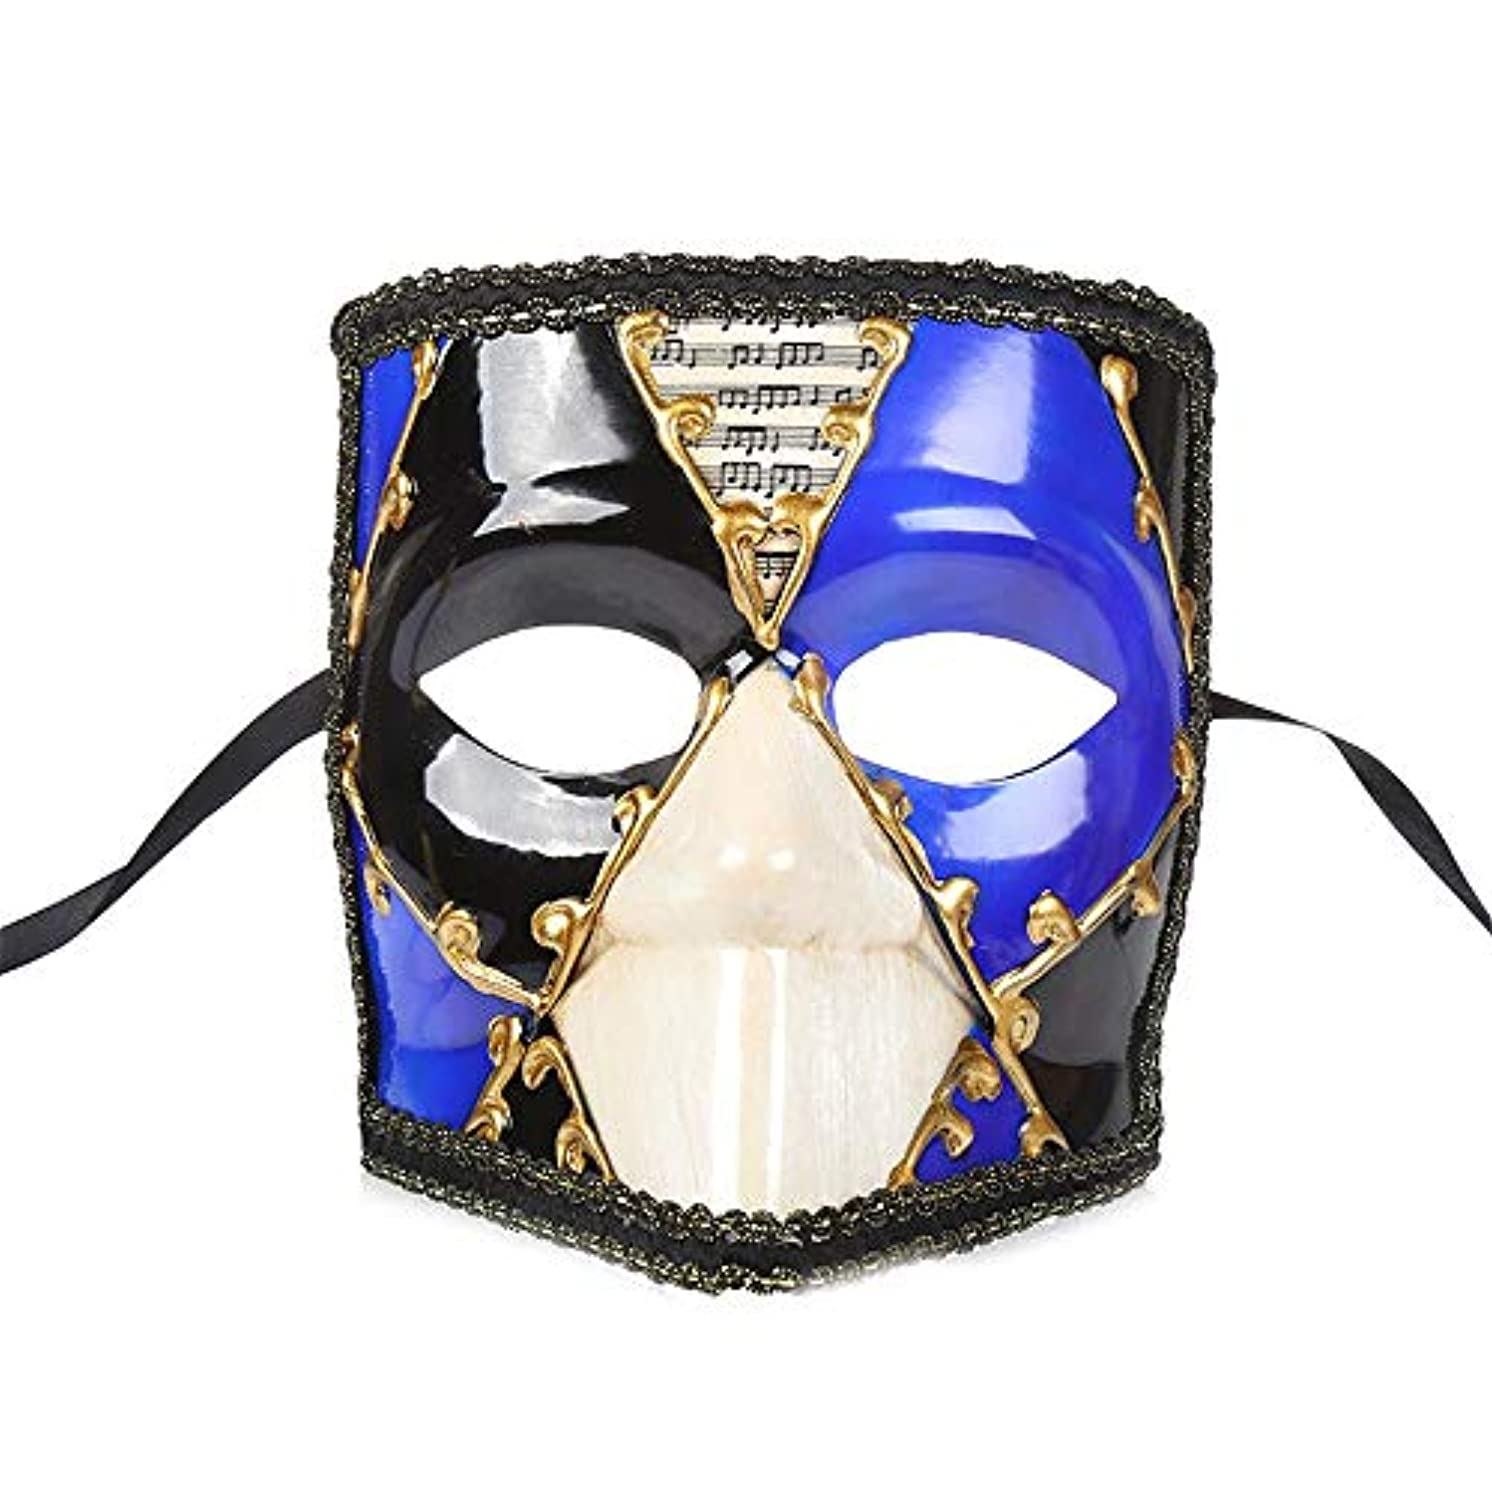 複雑転送ミシンダンスマスク ピエロマスクヴィンテージマスカレードショーデコレーションコスプレナイトクラブプラスチック厚いマスク ホリデーパーティー用品 (色 : 青, サイズ : 18x15cm)